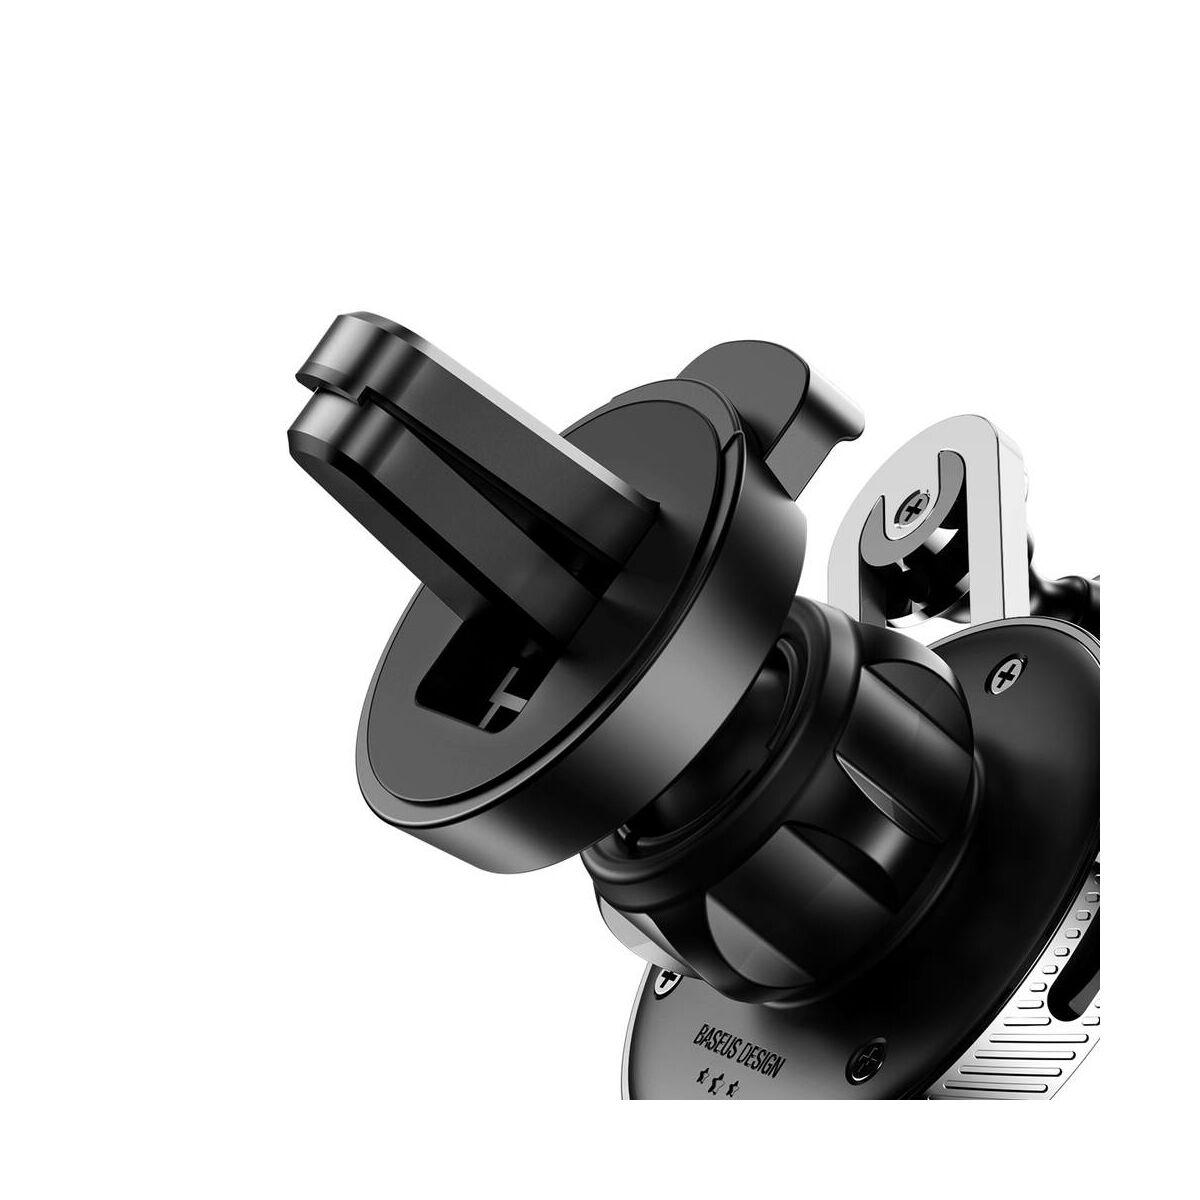 Baseus autós telefontartó, YY alakú töltő kábellel (Type-C), ezüst (SUTYY-0S)